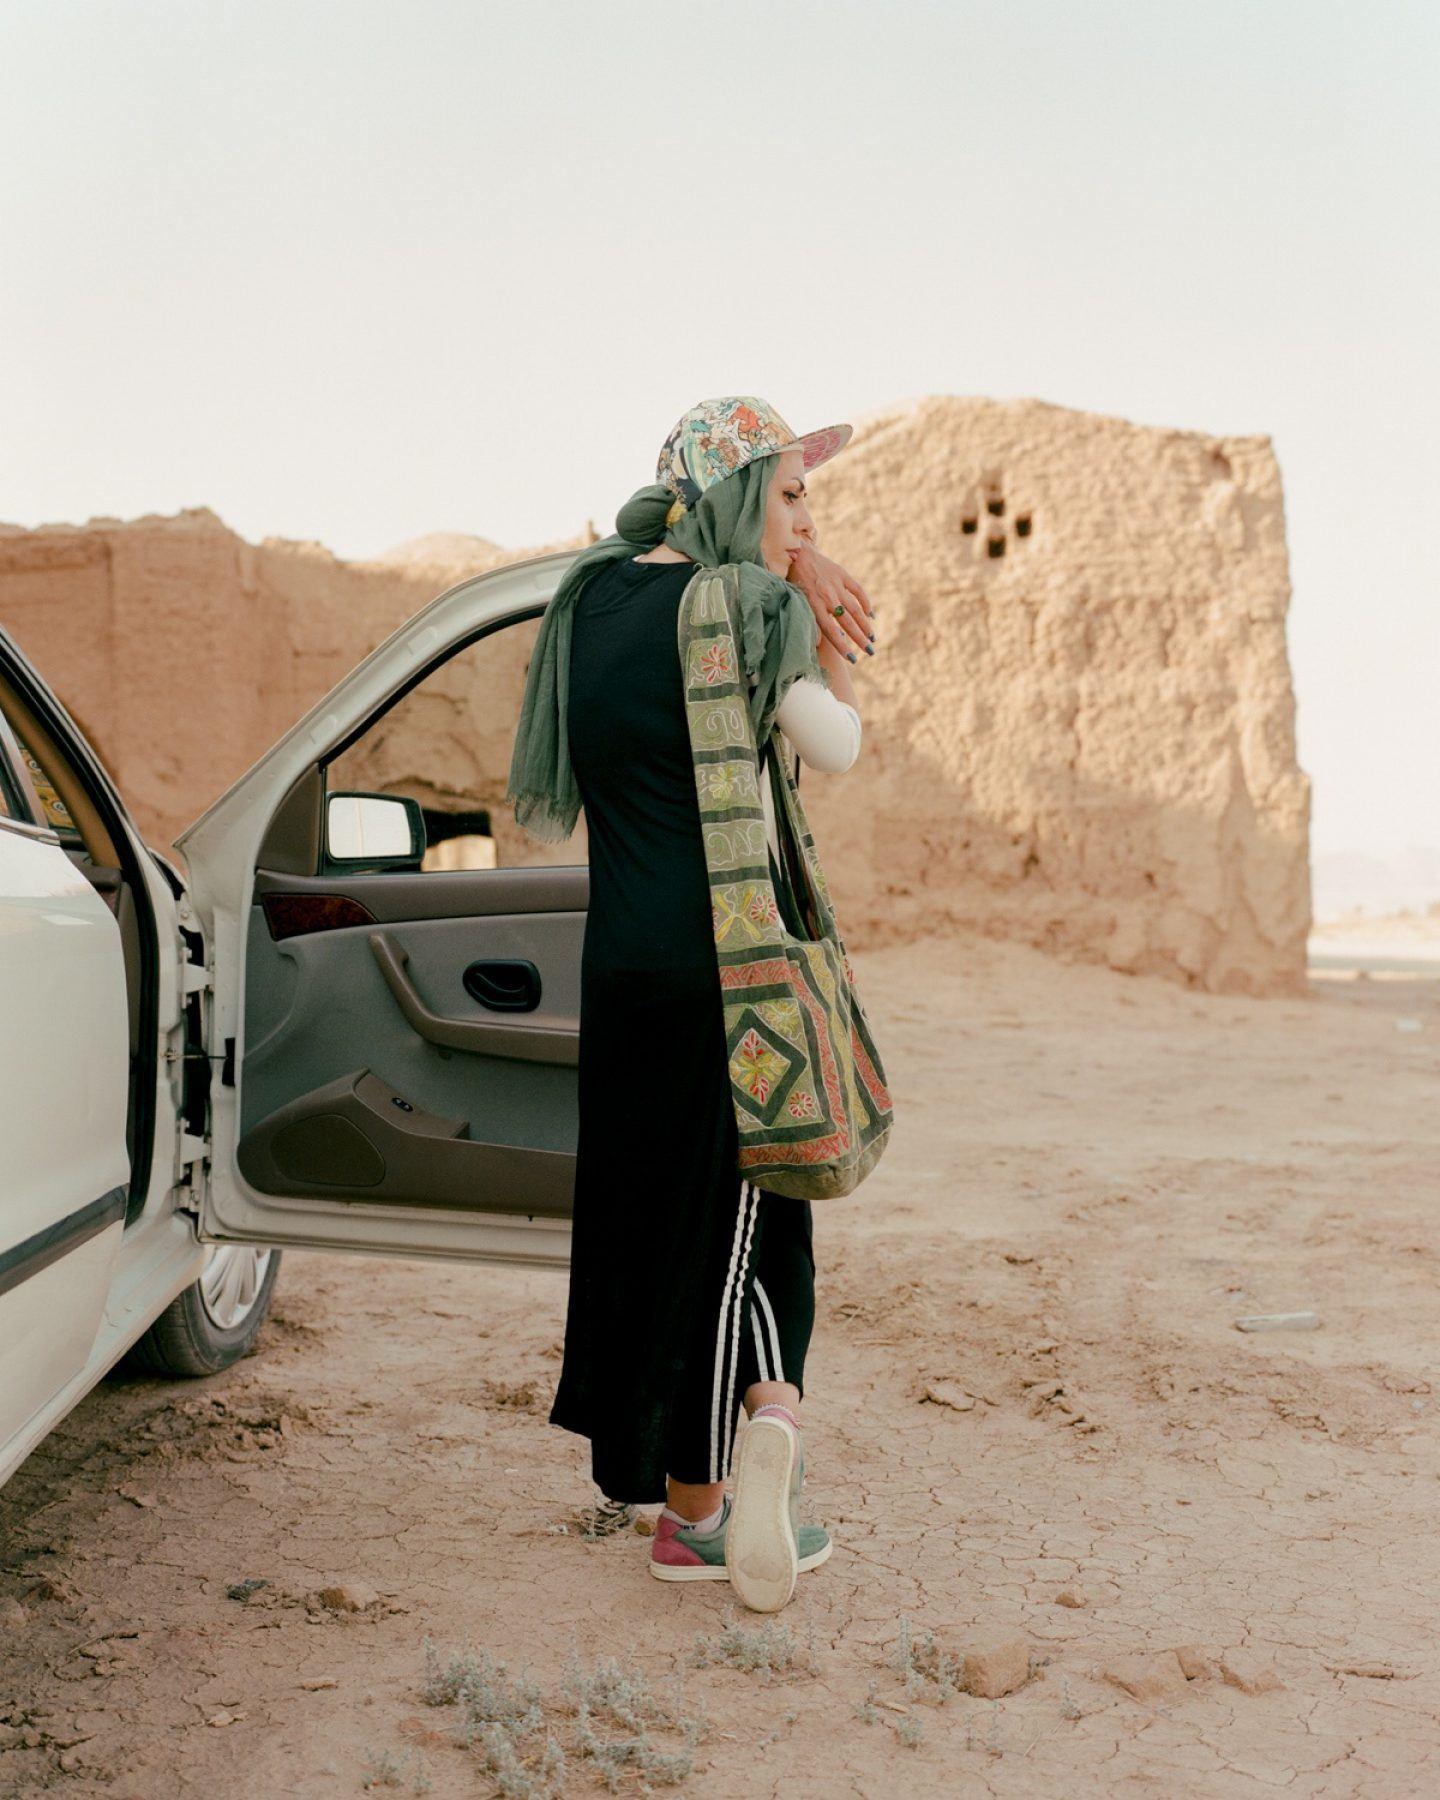 IGNANT-Photography-Matthieu-Litt-Through-The-Walls-1